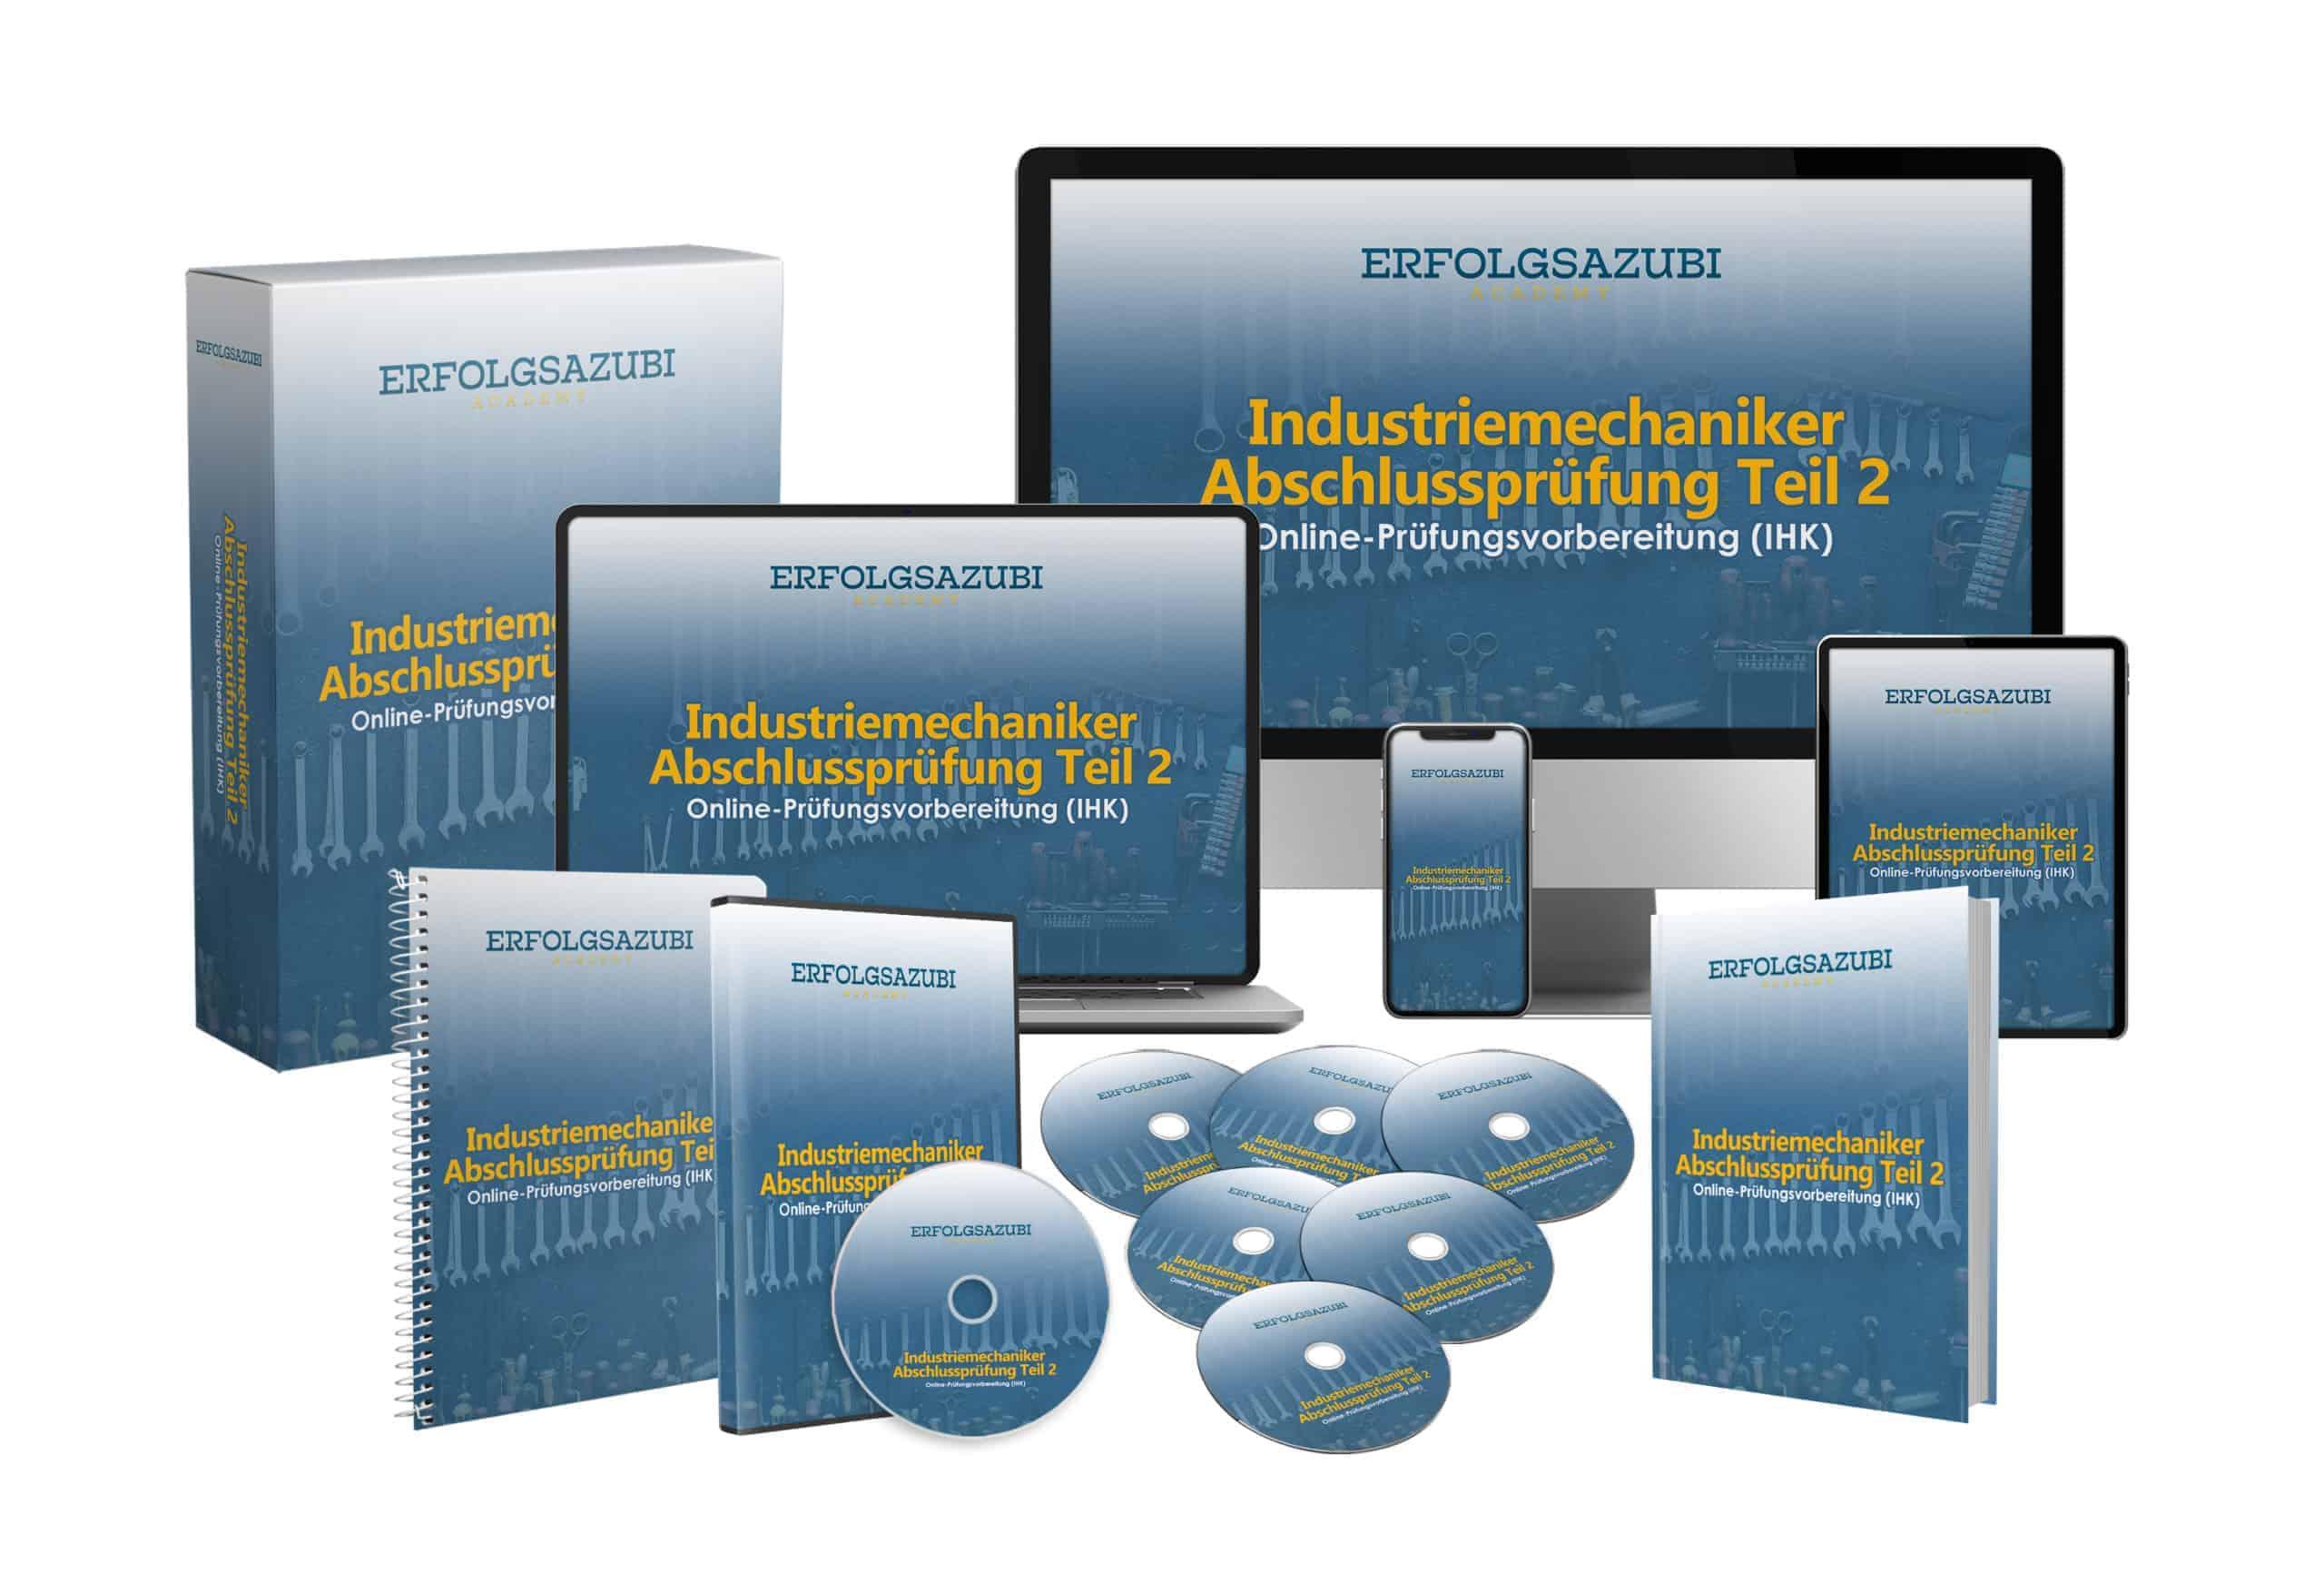 Industriemechaniker-Abschlusspruefung-Teil-2-Online-Pruefungsvorbereitung-IHK-scaled-new